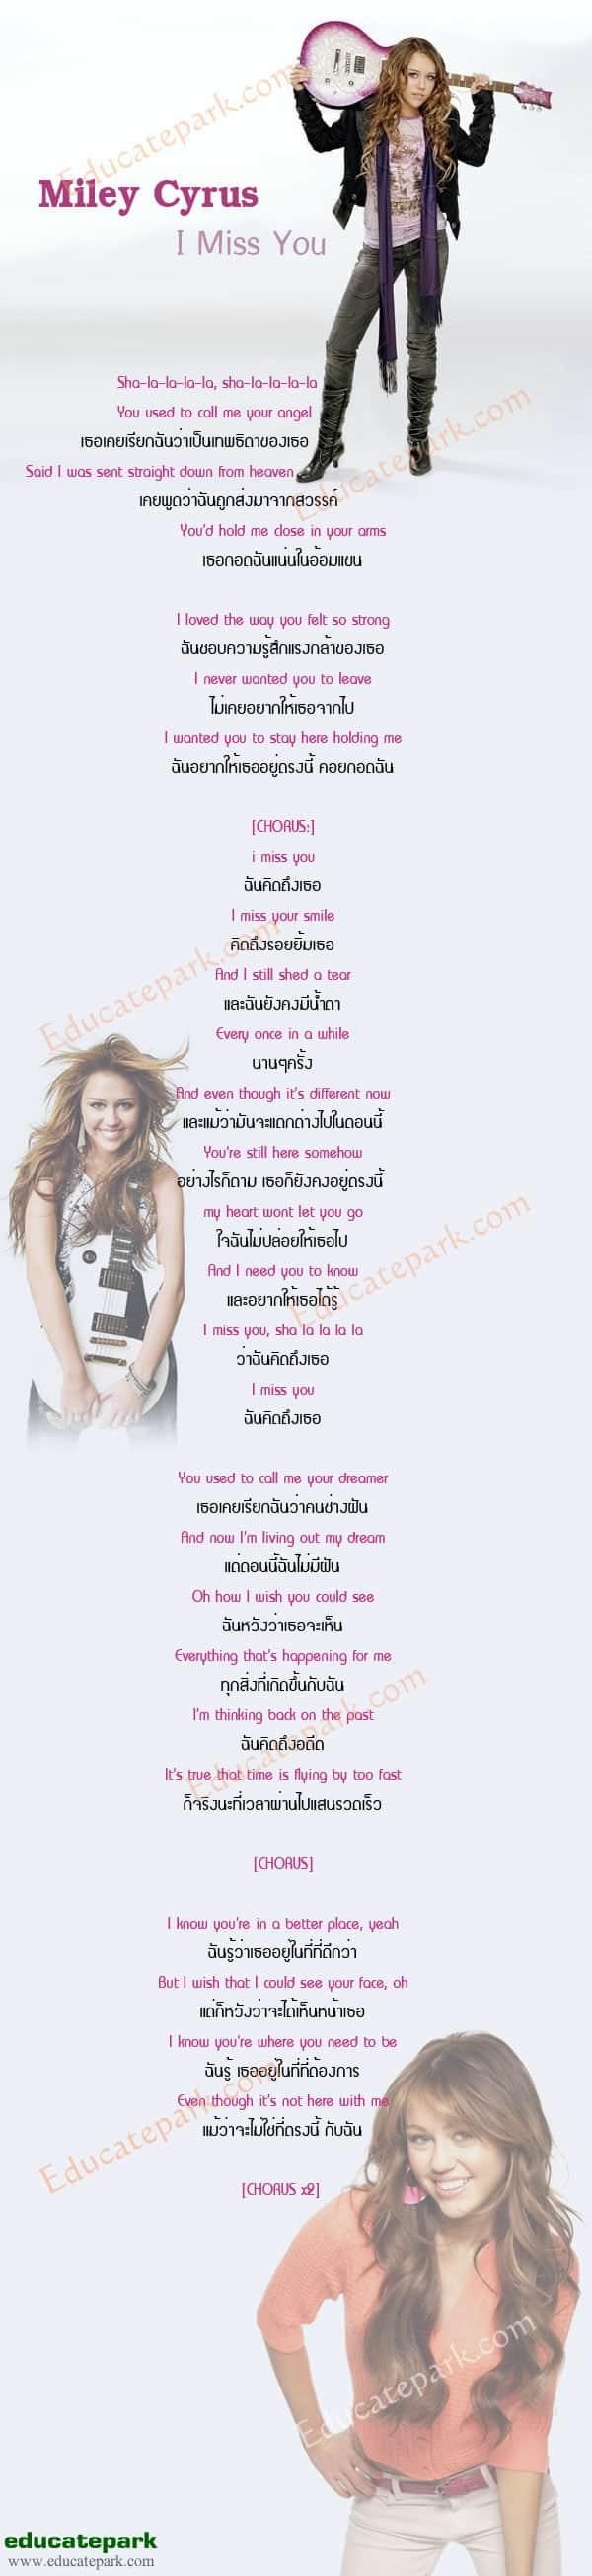 แปลเพลง I Miss You - Miley Cyrus